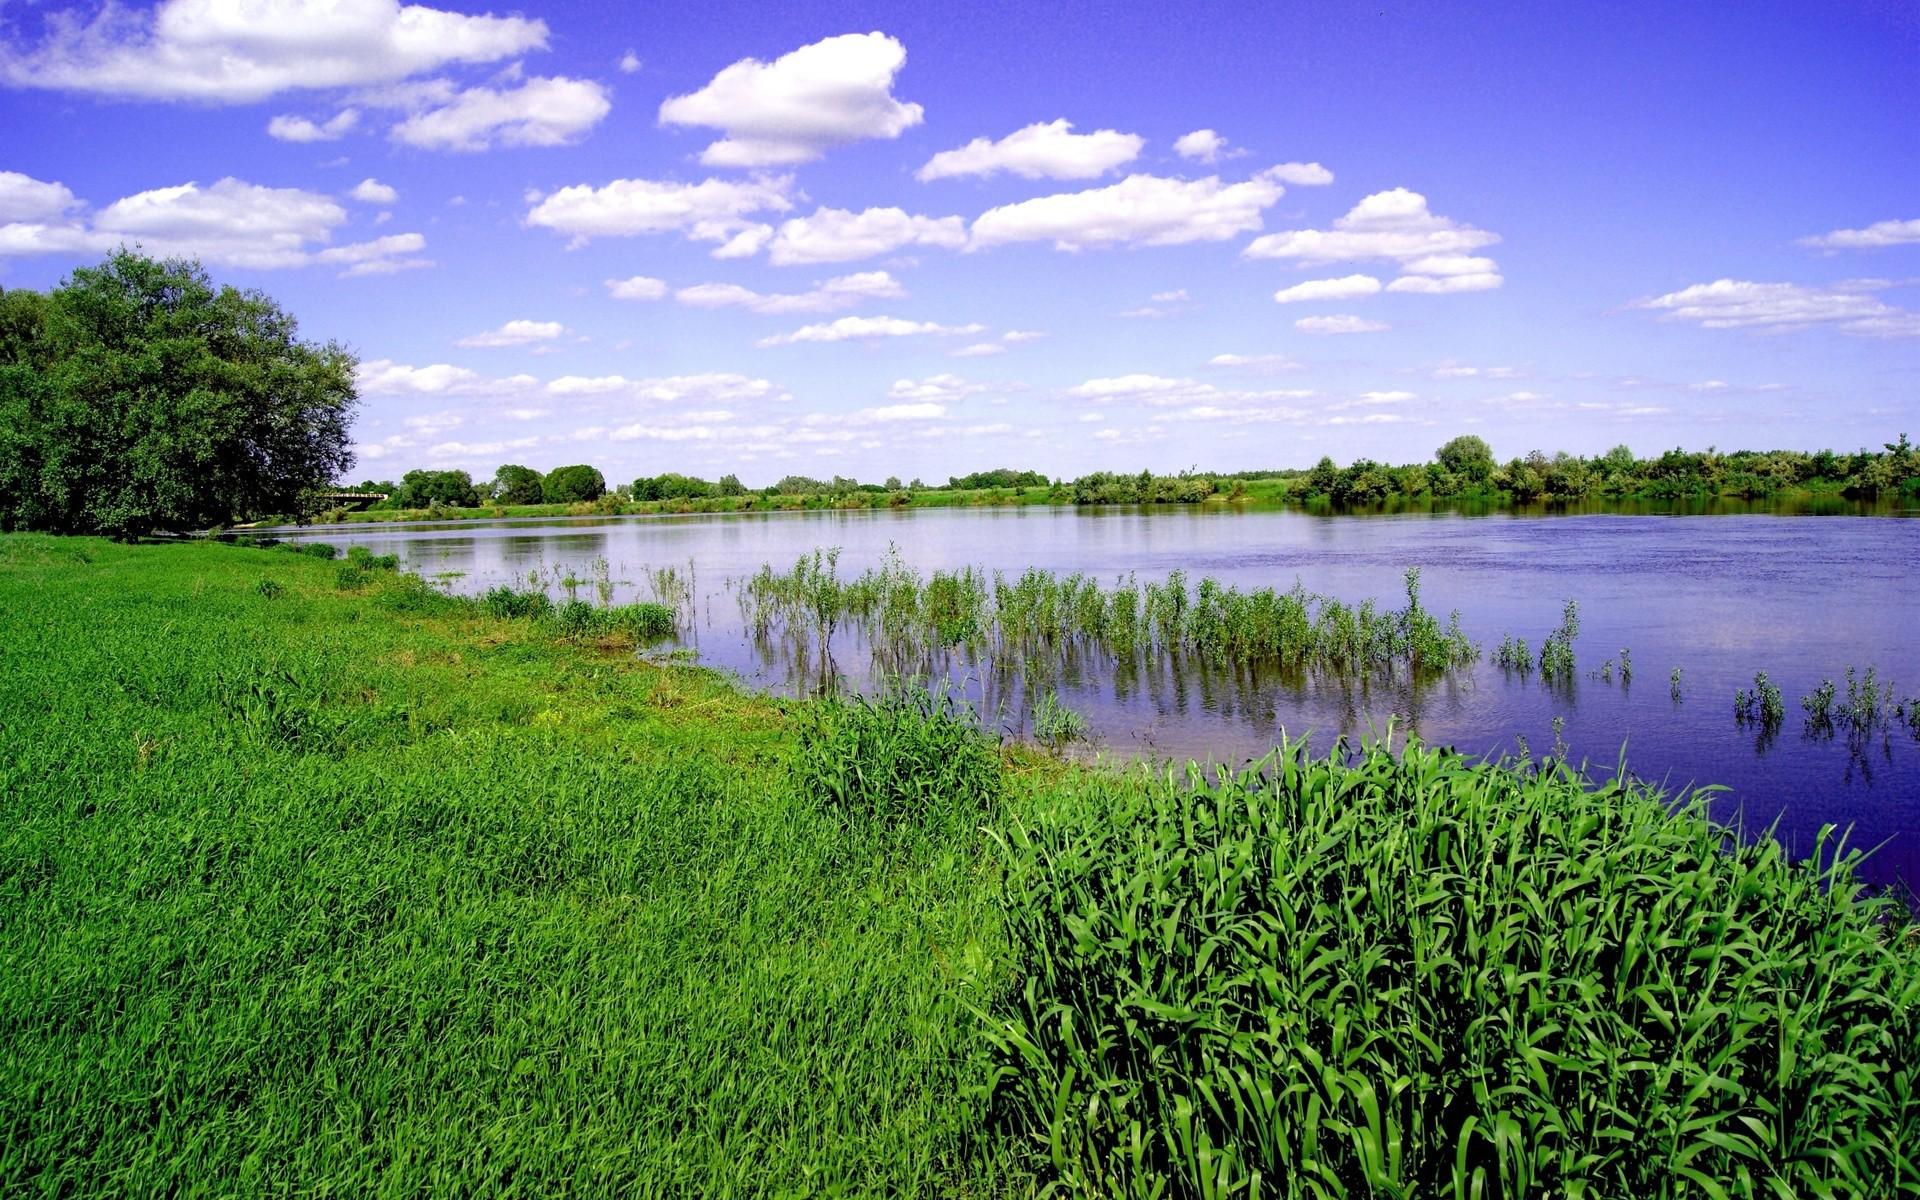 фото лужаек на берегу реки ним